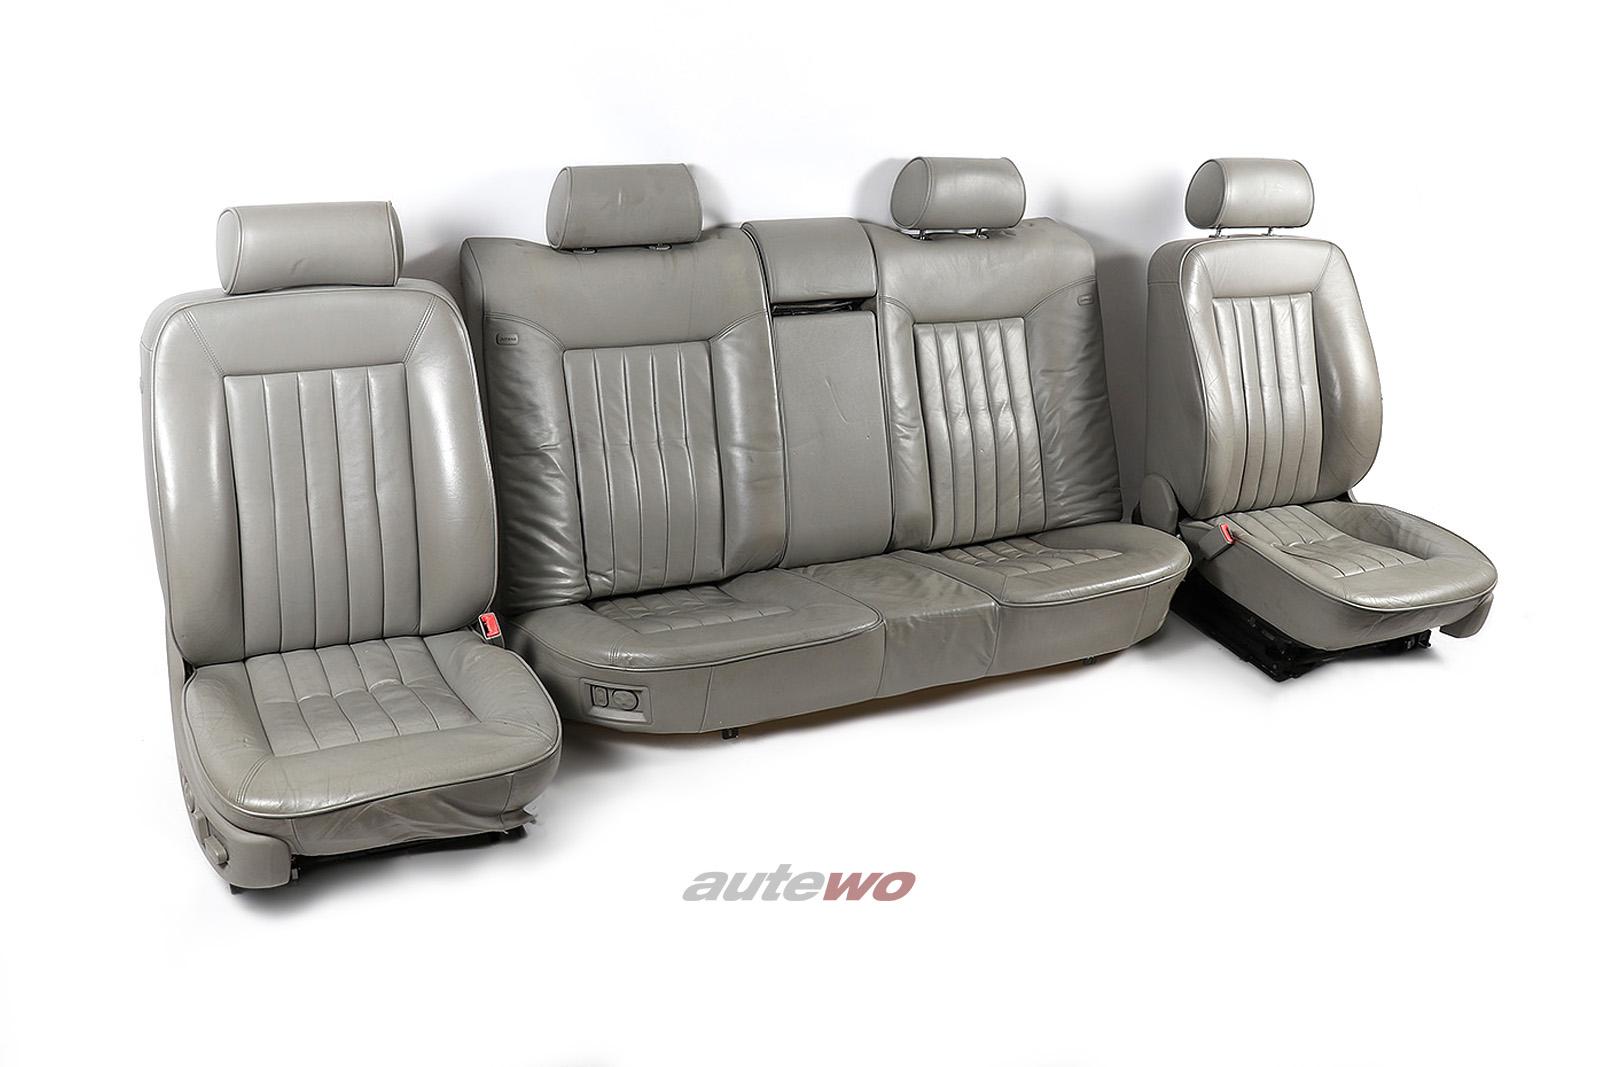 Audi A8 D2 Innenausstattung Sitze/Rückbank Memory-e-Sitz/4x Sitzheizung platin